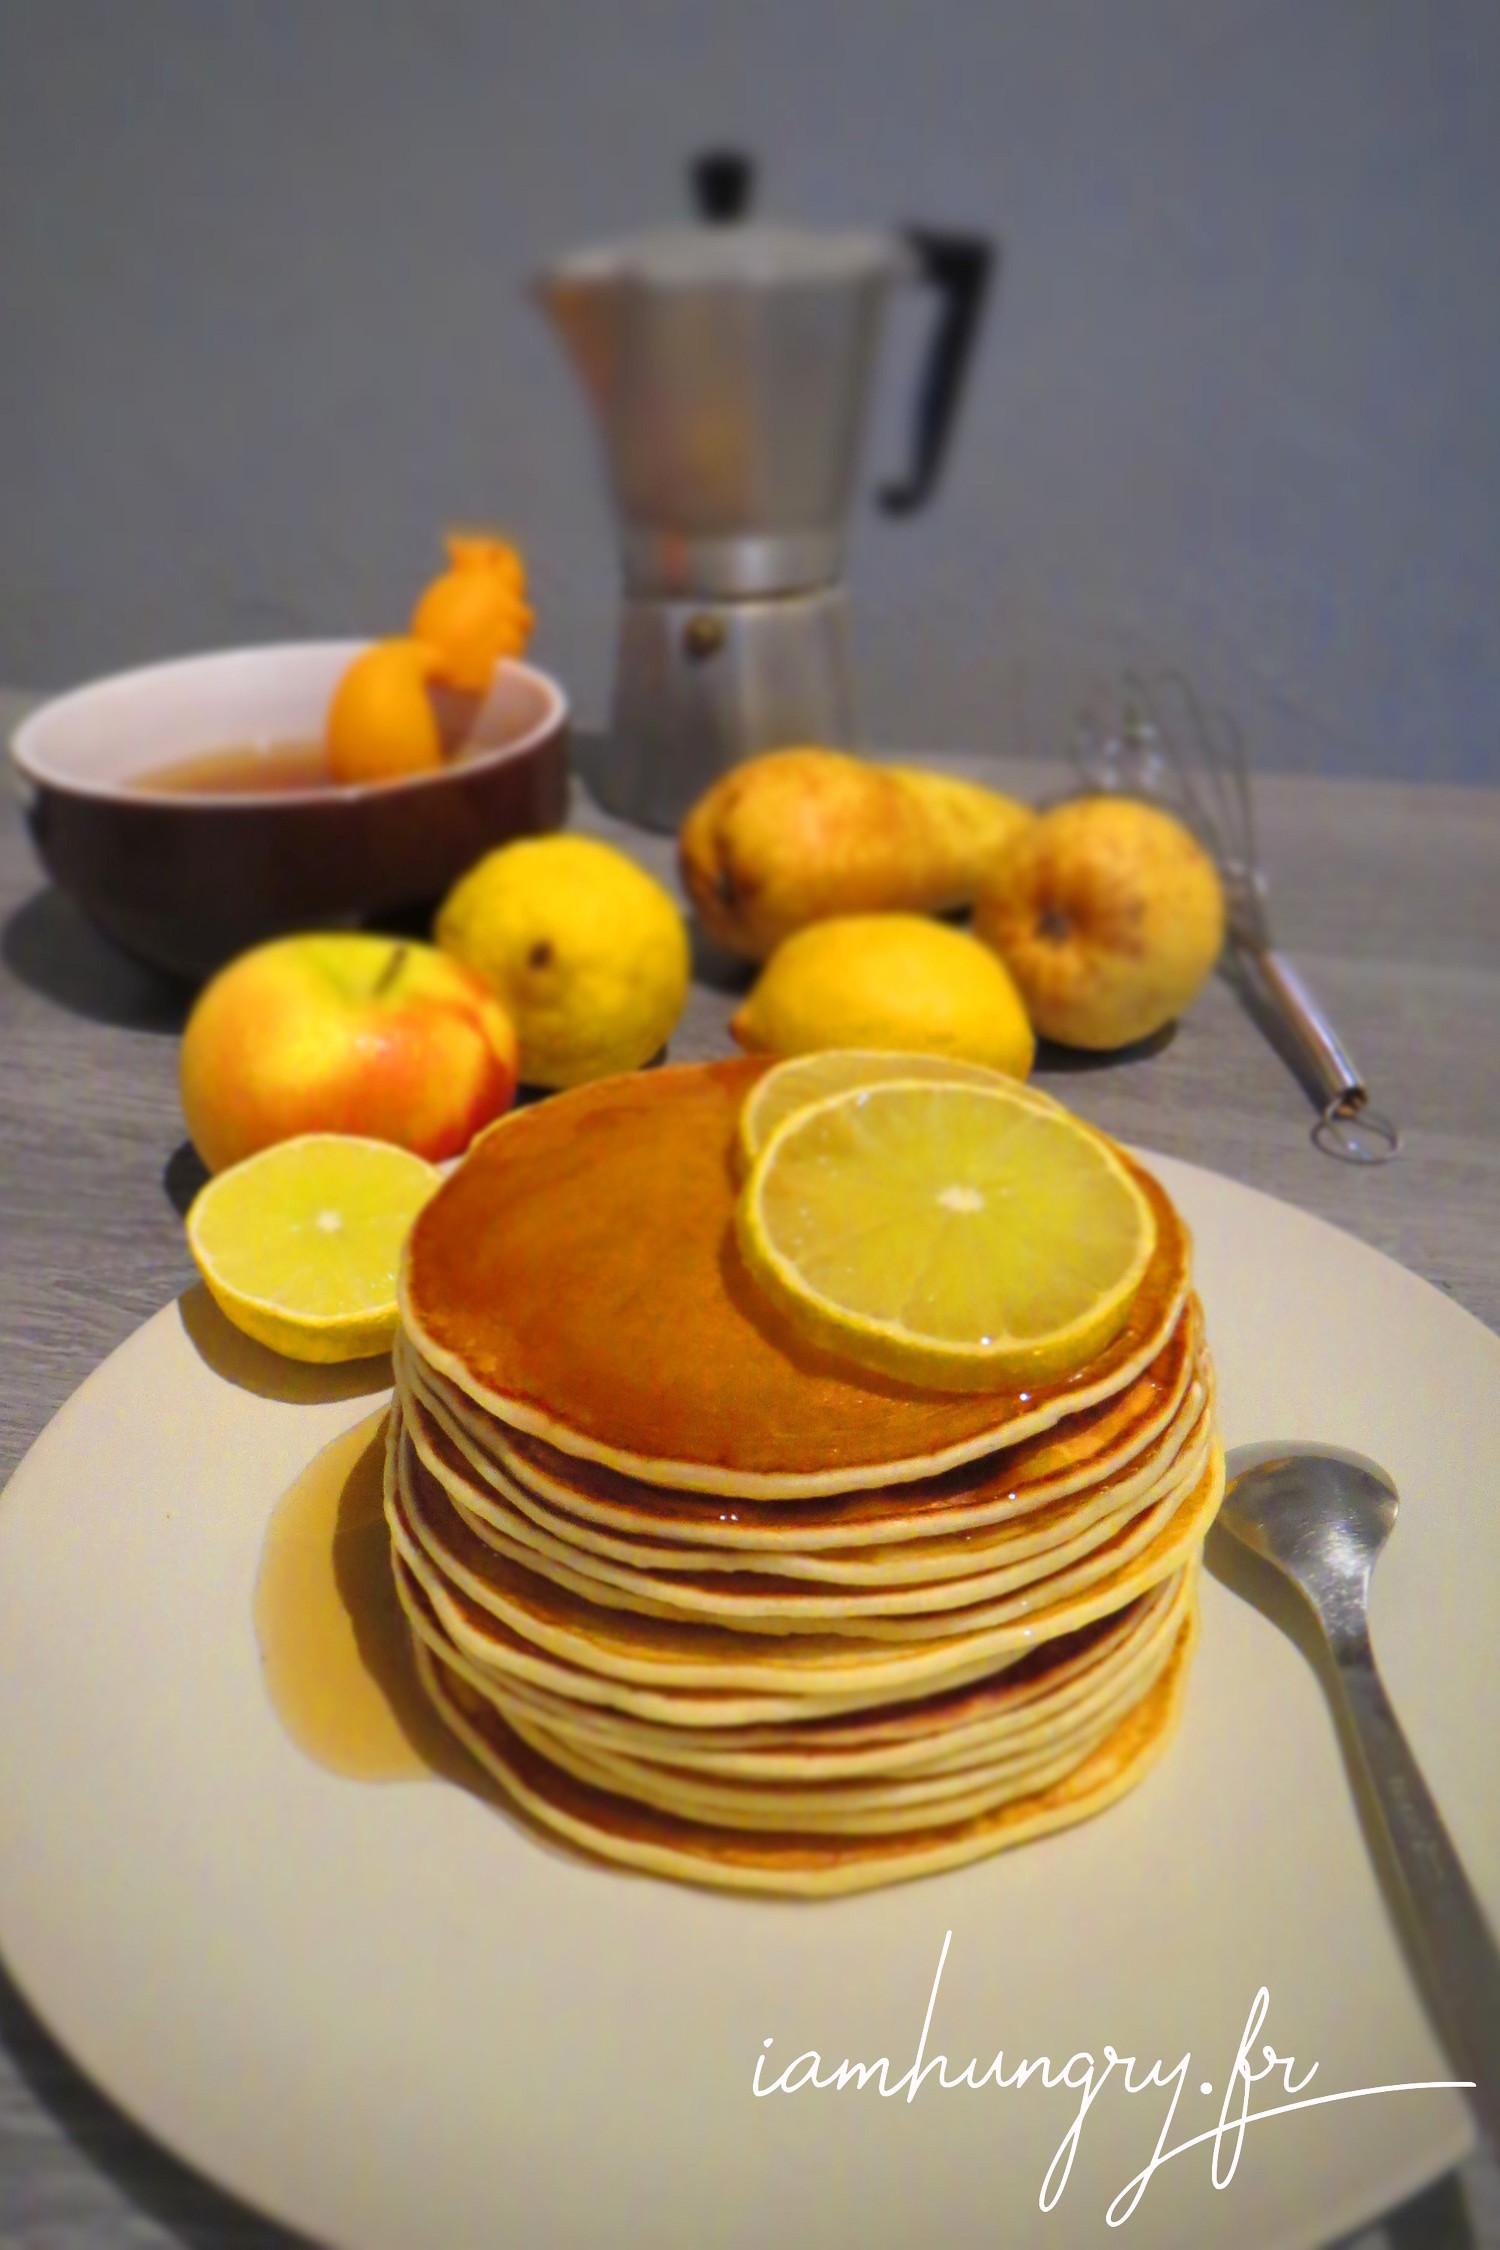 Pancakes au citron